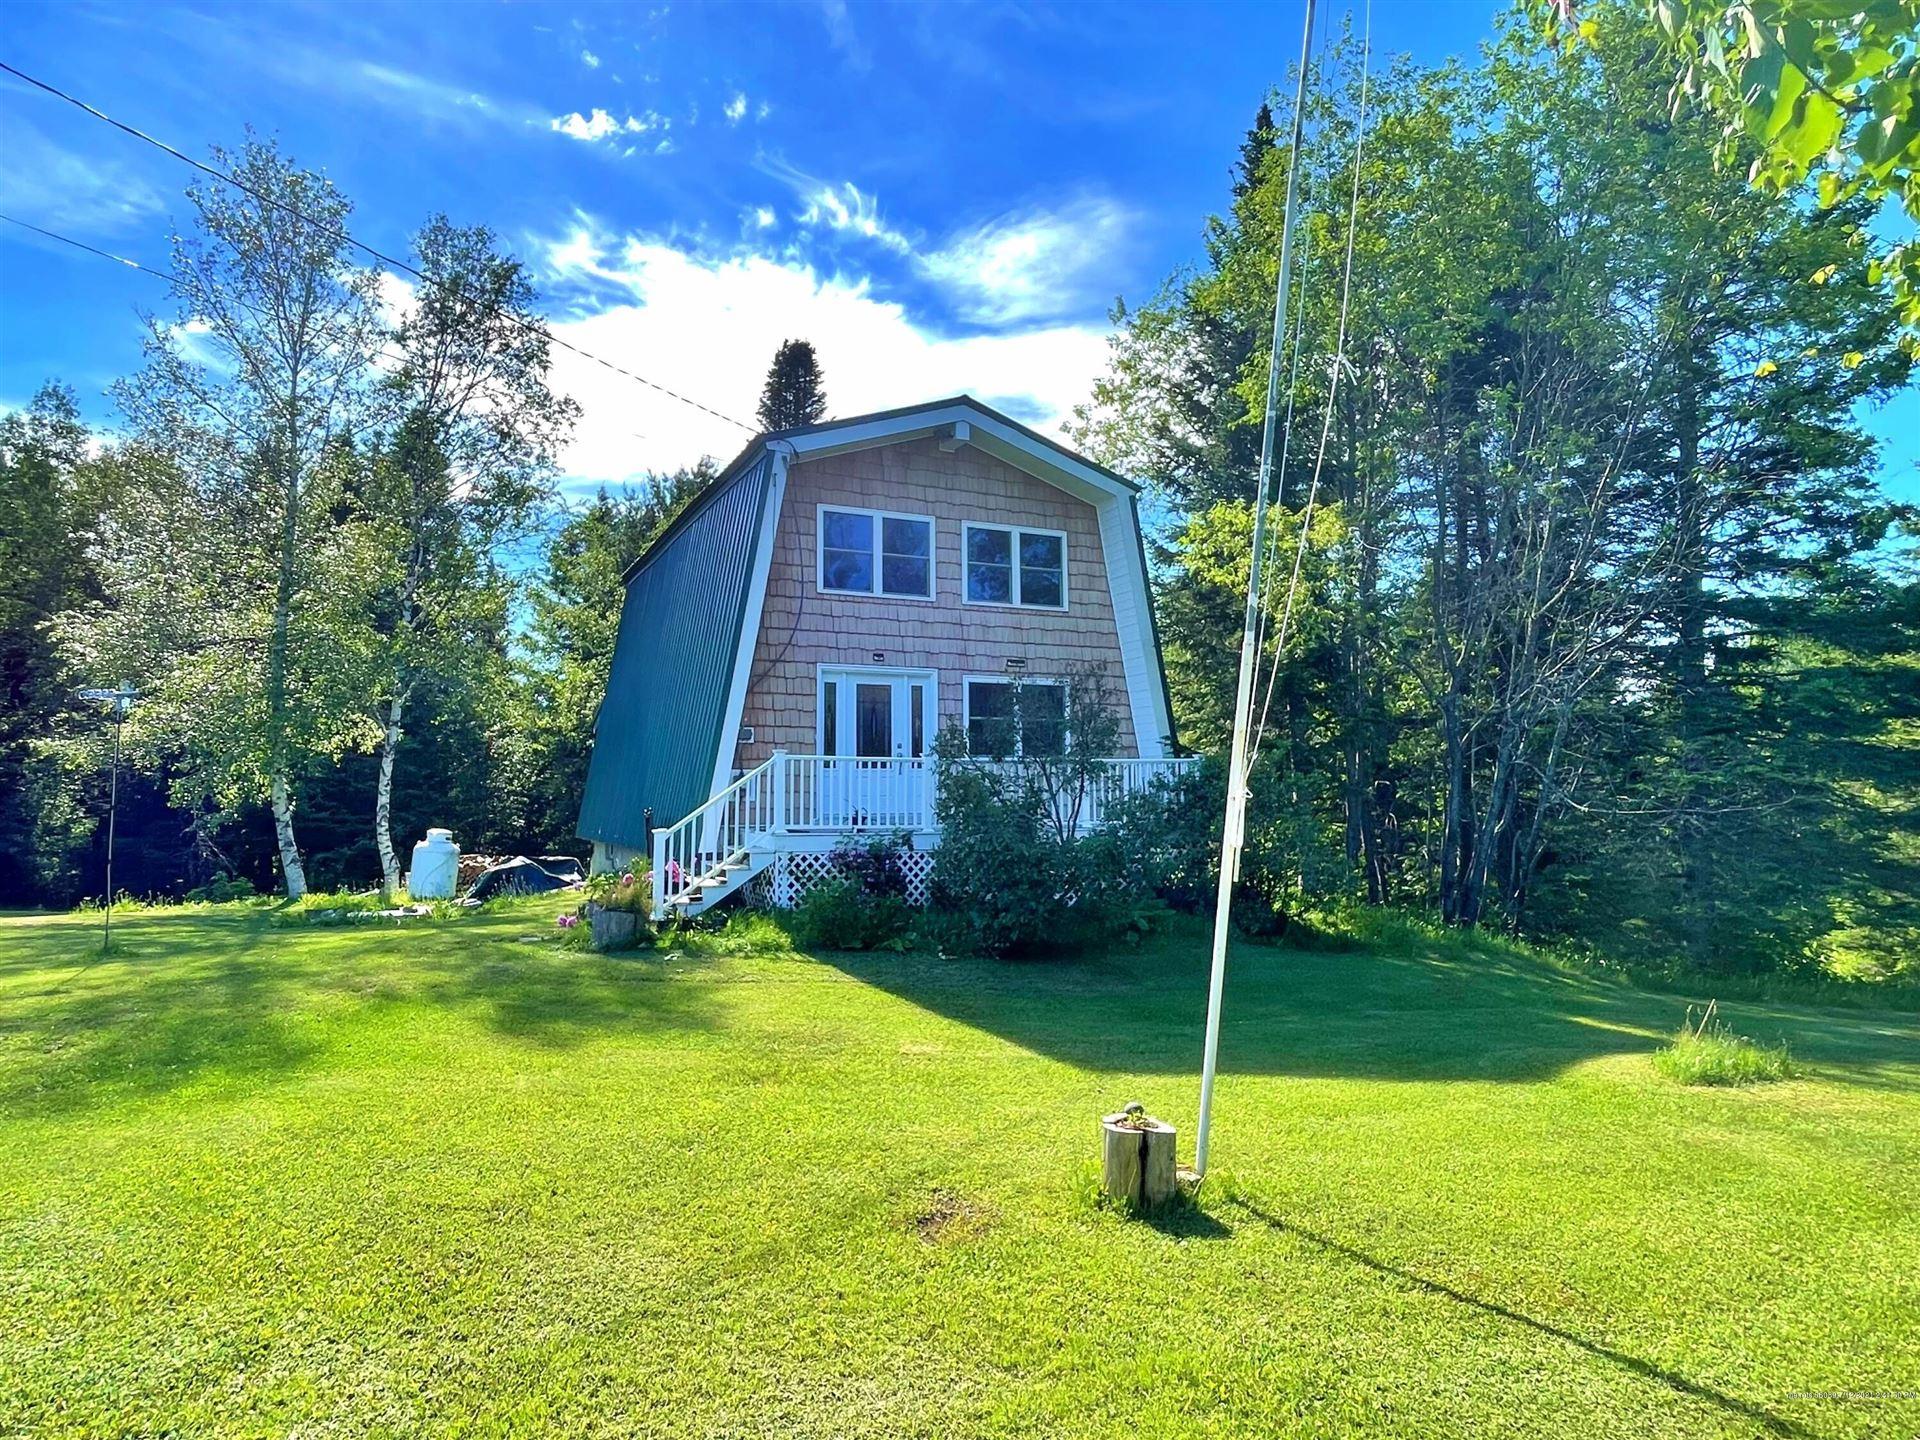 Photo of 372 West Road, New Sweden, ME 04762 (MLS # 1498939)